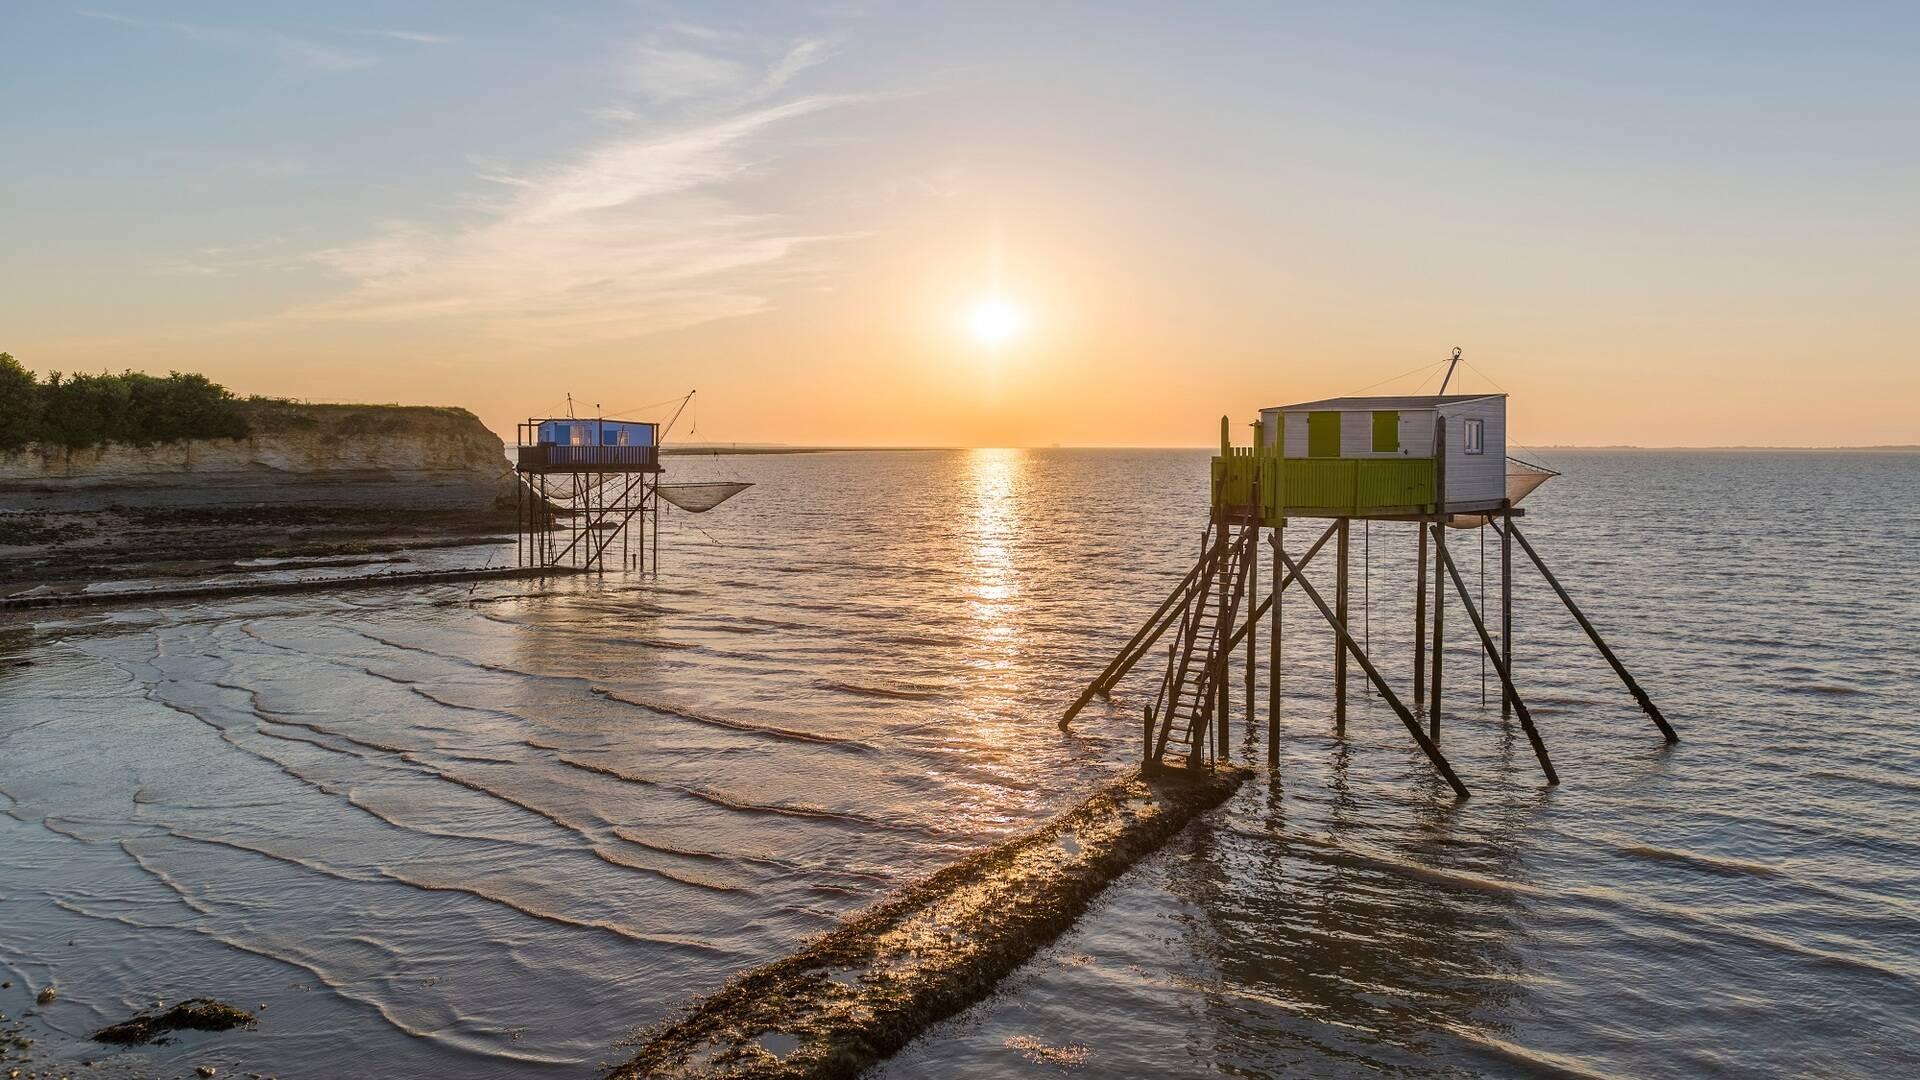 Coucher de soleil sur l'île Madame - ©Shutterstock